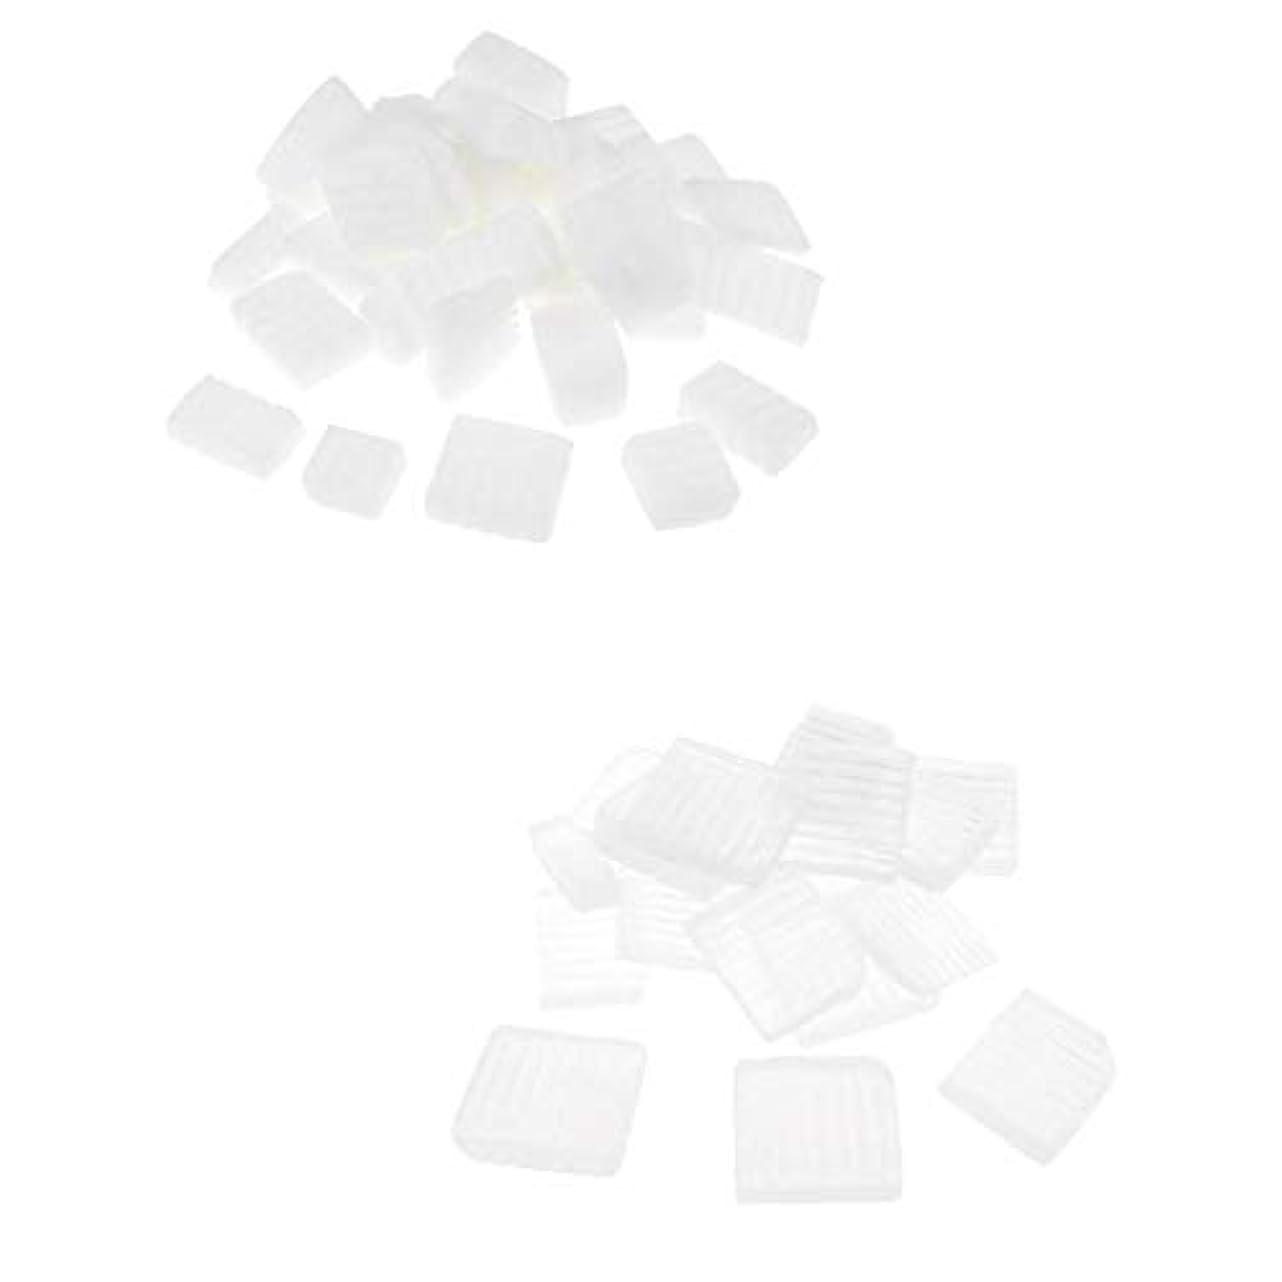 法医学認可早めるPerfeclan 固形せっけん ホワイト透明 手芸 バス用品 手作り ハンドメイド 石鹸製造 安全健康 2種混合